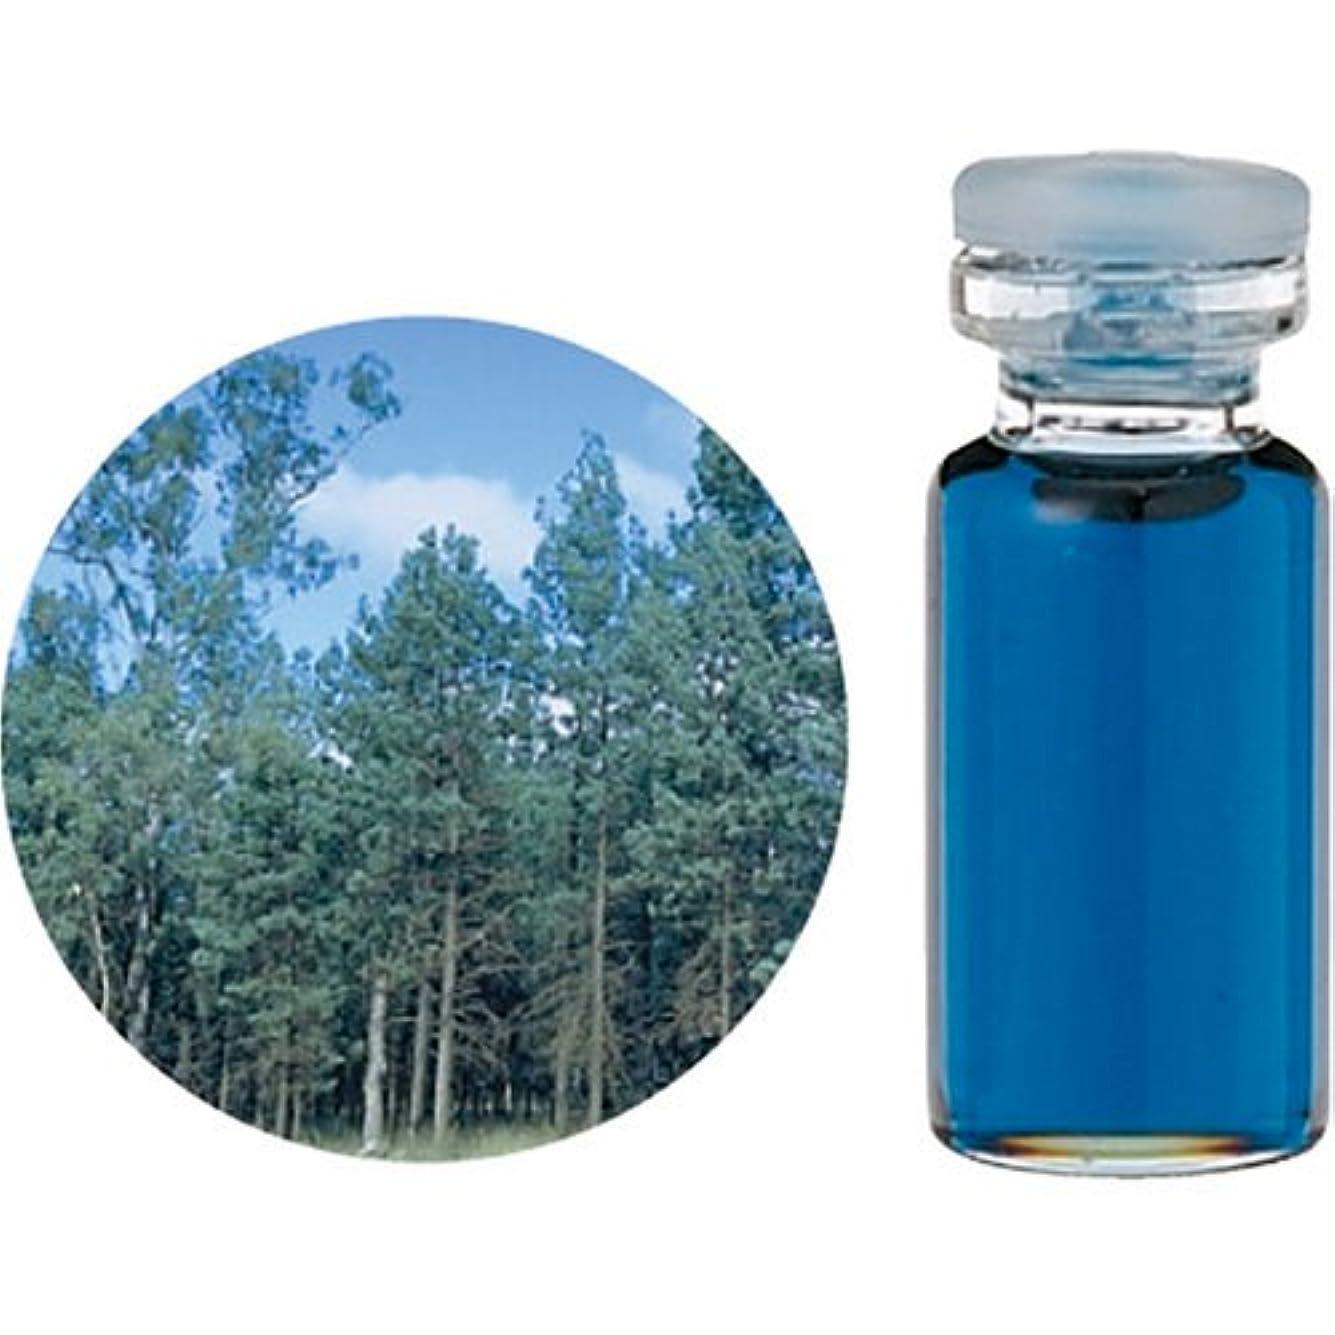 在庫専門知識アストロラーベ生活の木 C ブルー サイプレス エッセンシャルオイル 10ml